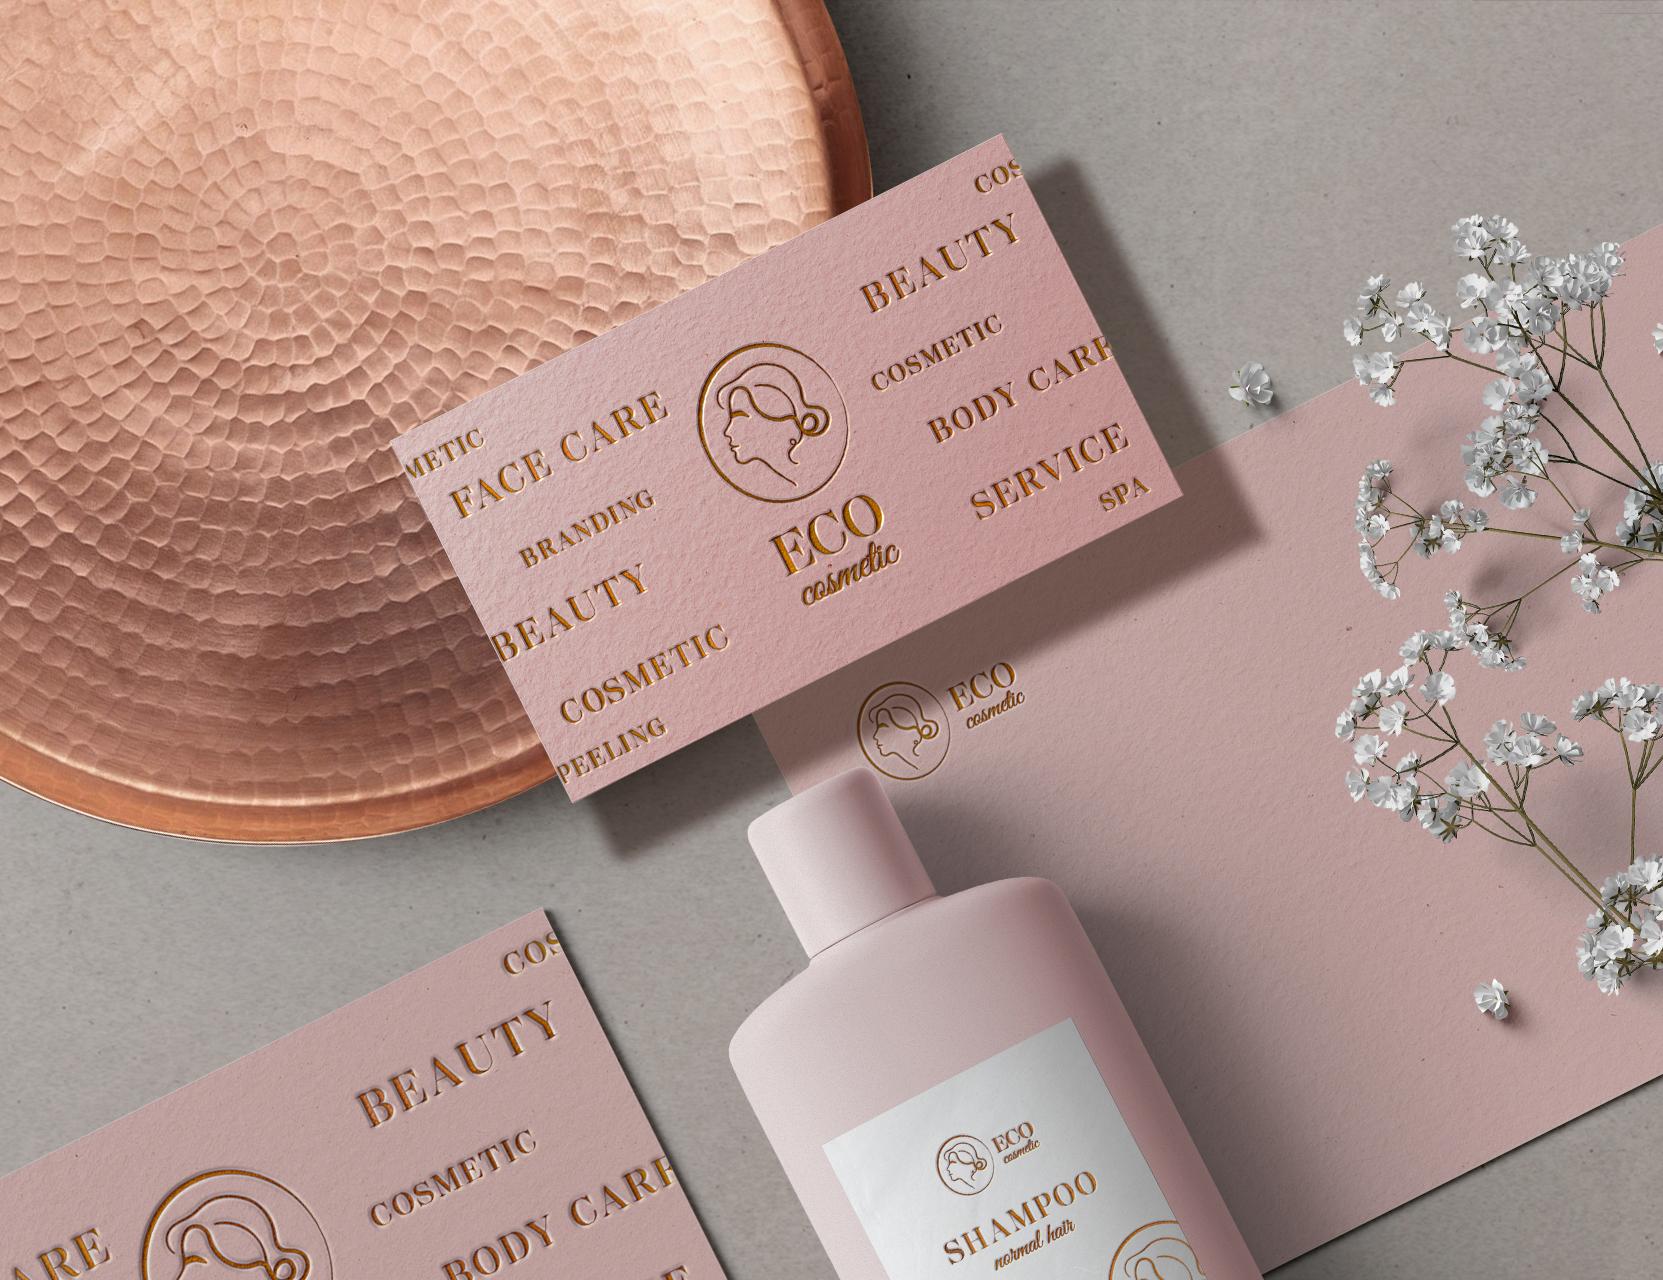 Eco Cosmetics product